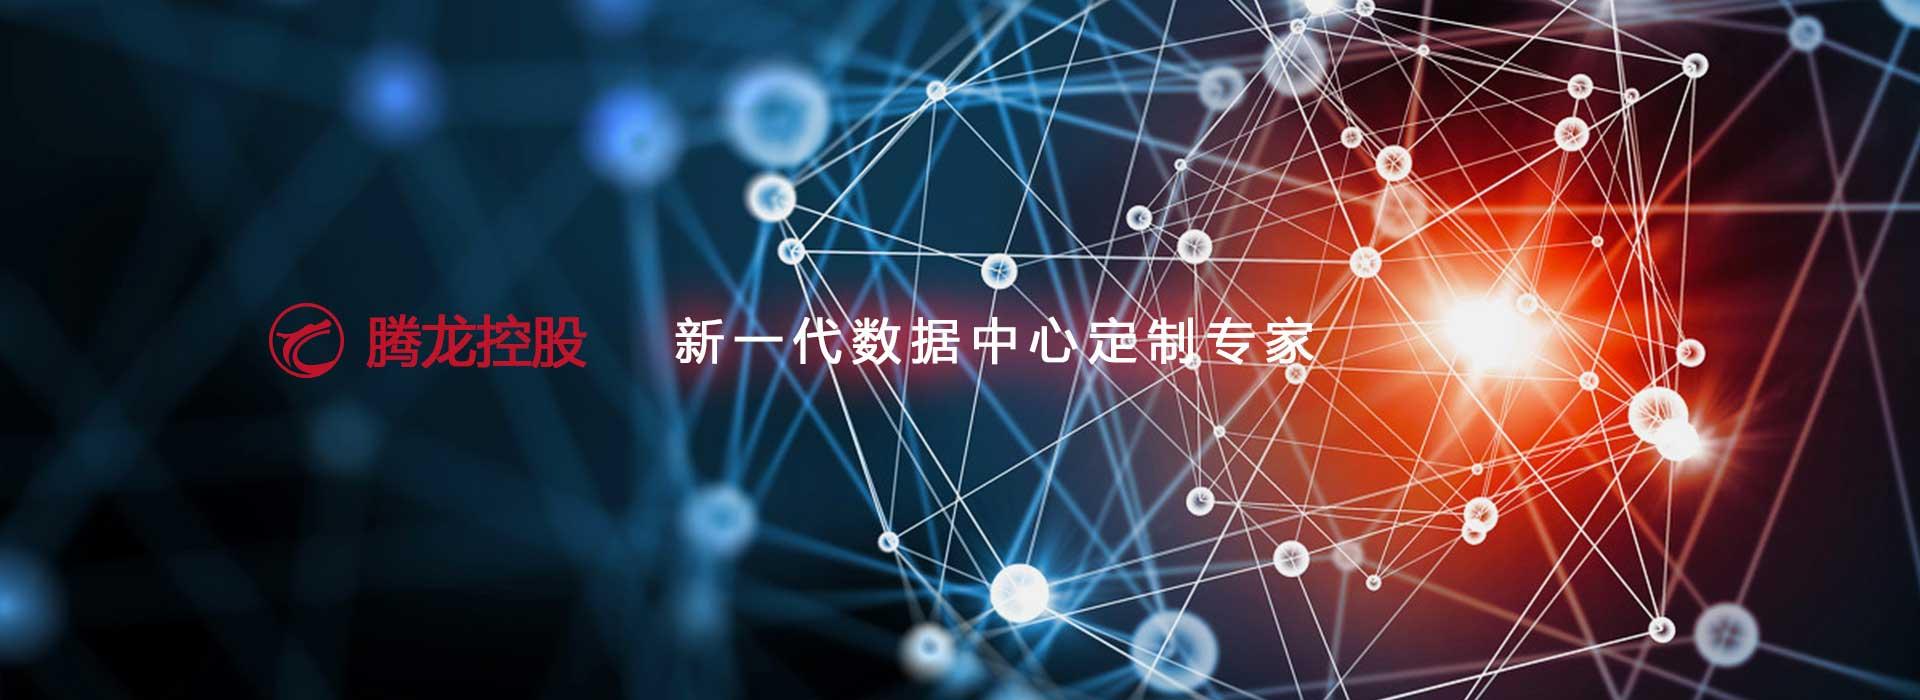 腾龙控股集团